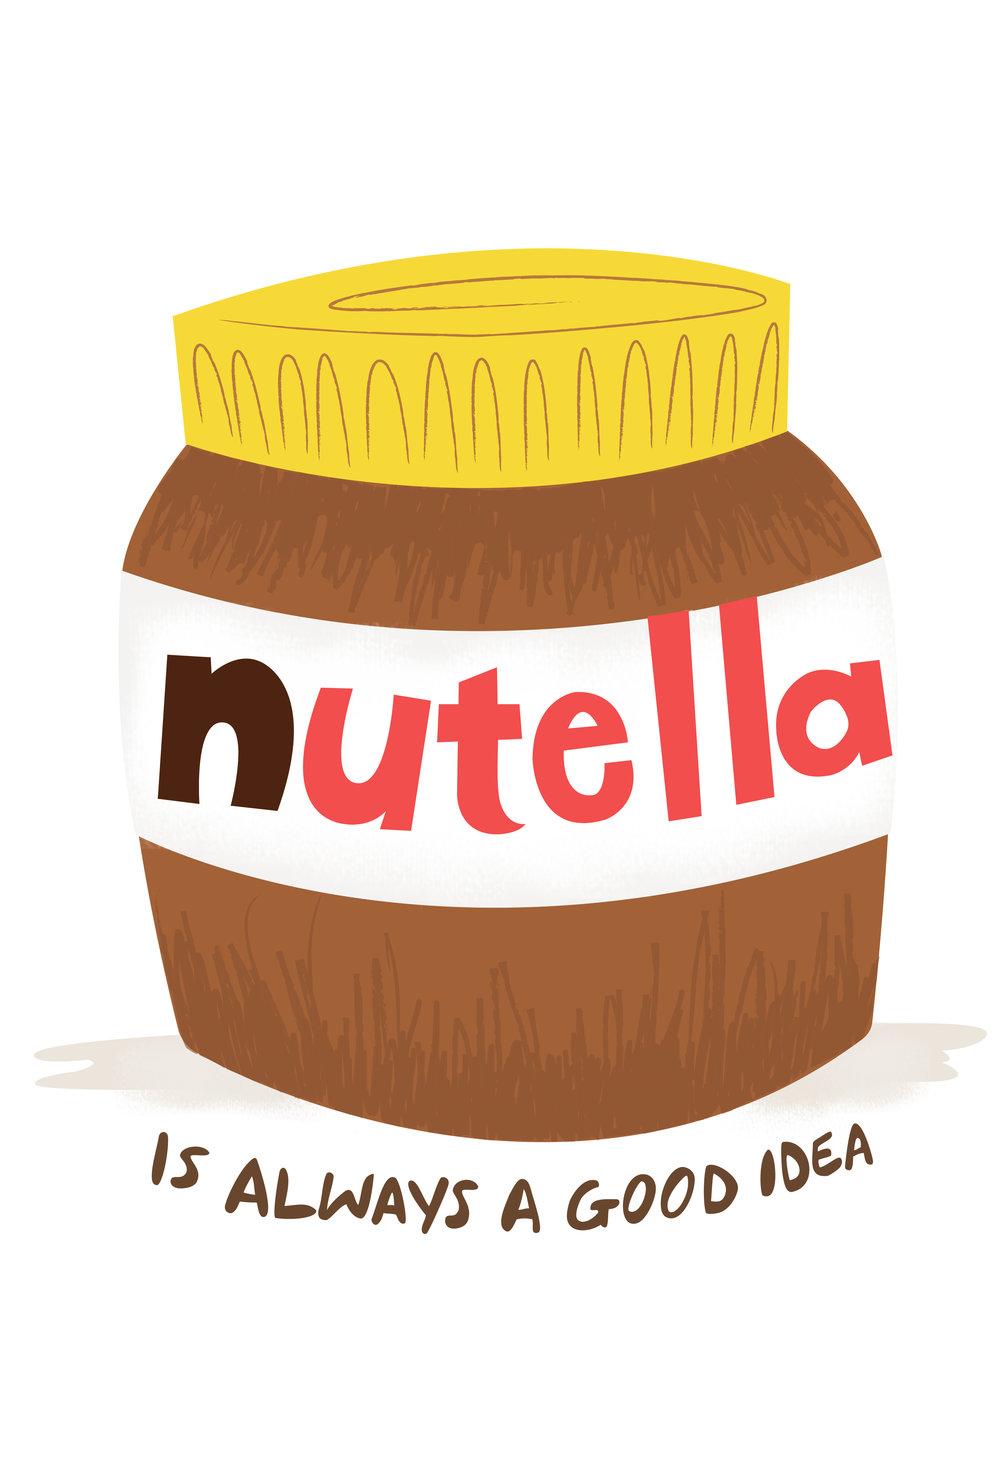 Nutella2.jpg